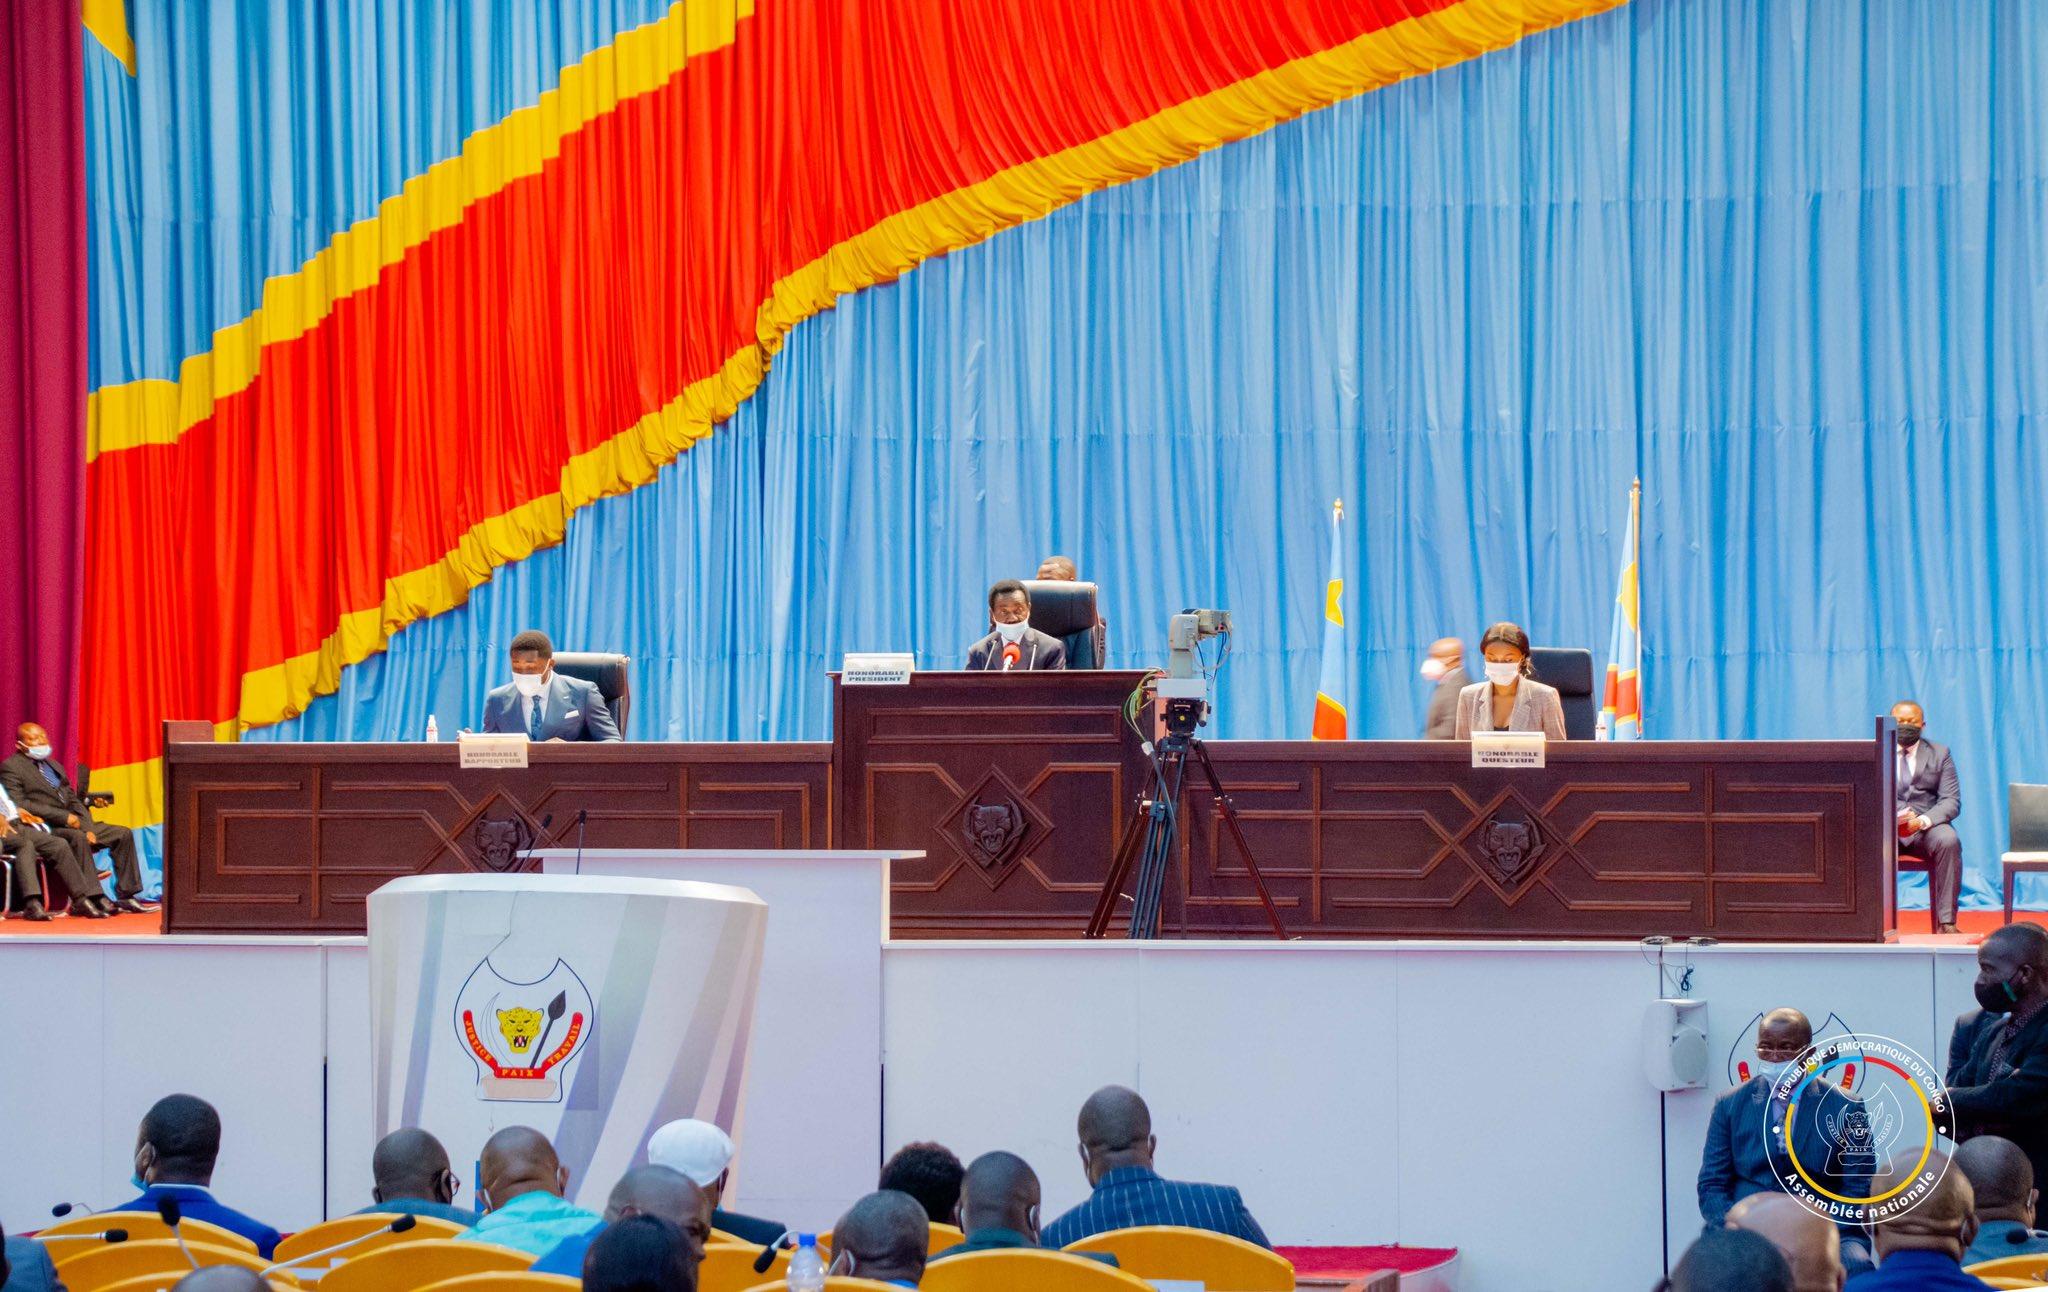 RDC : l'Assemblée nationale s'apprête à adopter le projet de loi portant ratification de l'accord créant la ZLECAF 1